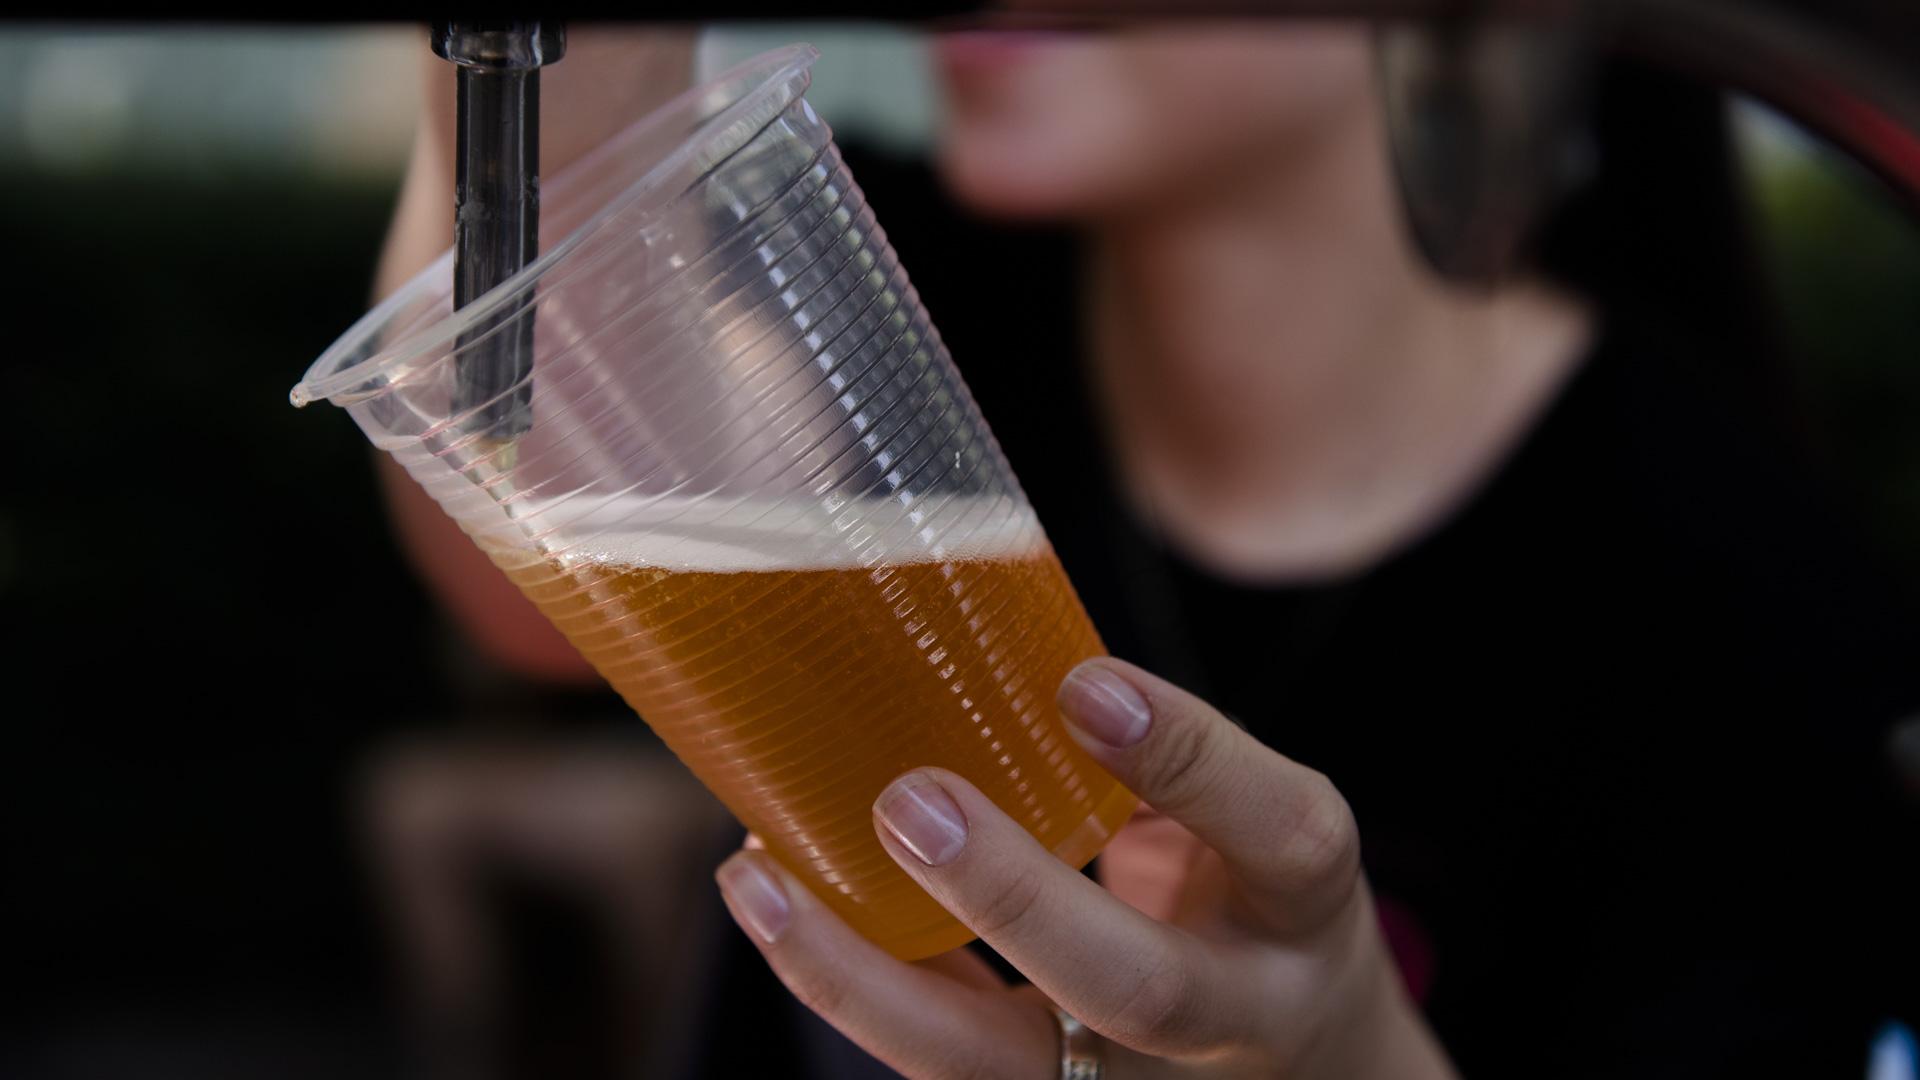 Quienes quieran cerveza también pueden acompañar sus comidas con las pintas de Rabieta. Ofrecen American Ipa, Golden, Irish Red o Red Honey